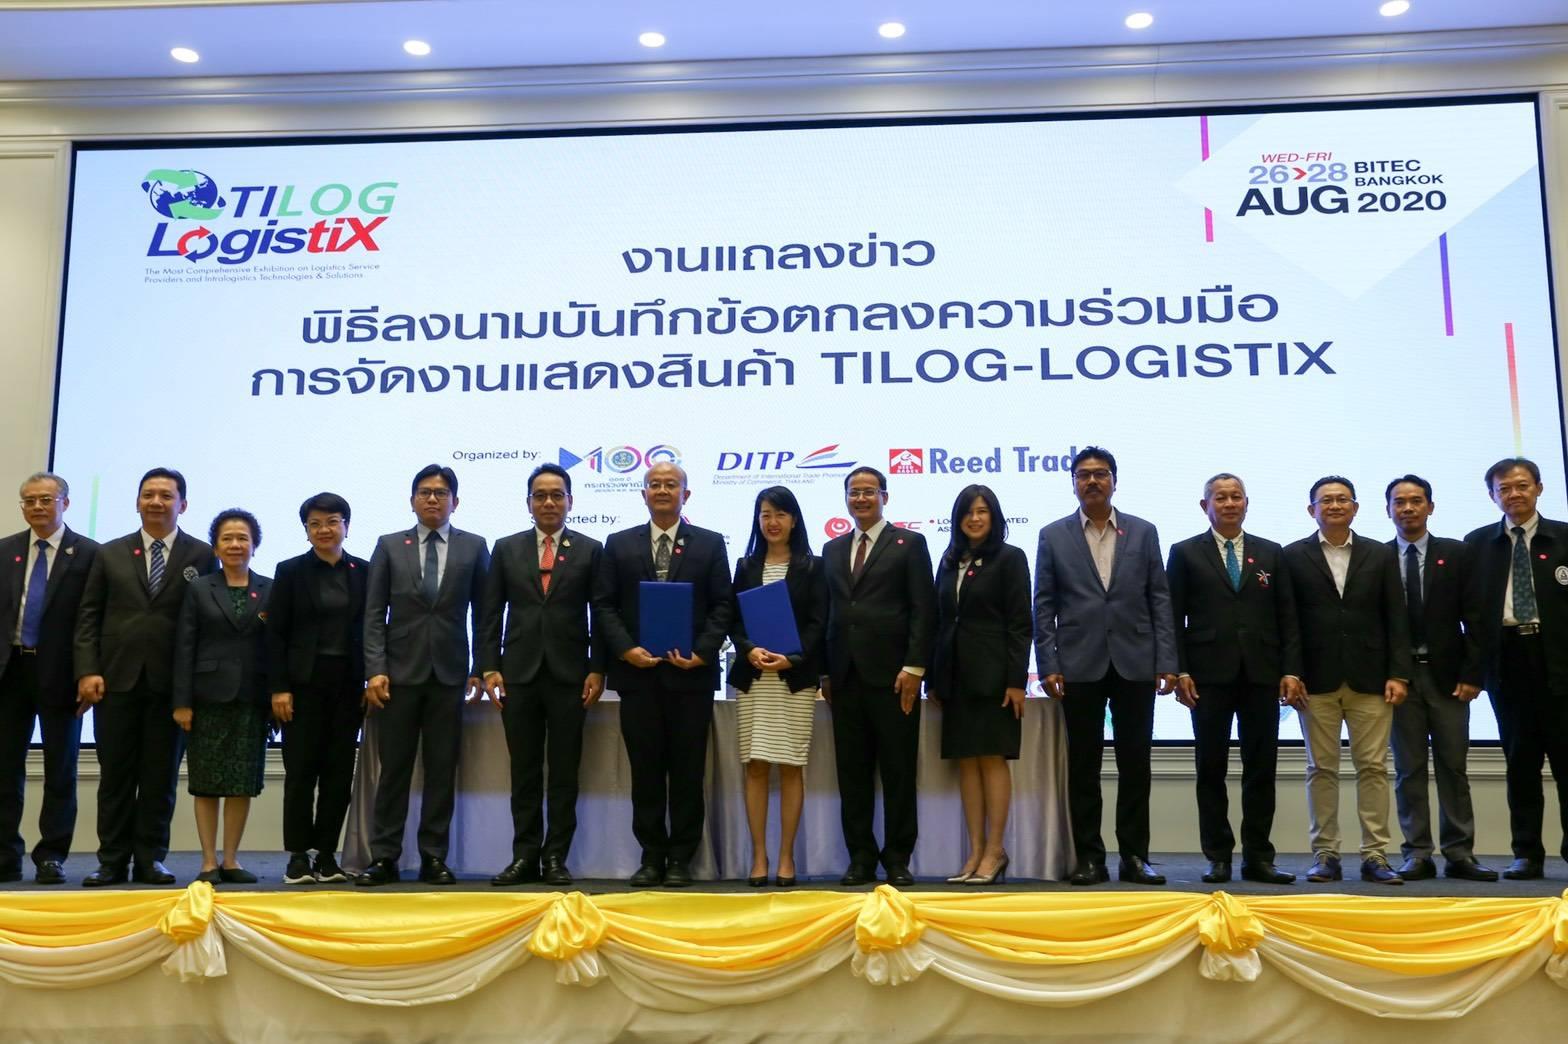 กระทรวงพาณิชย์ จับมือยักษ์ใหญ่ด้านงานแสดงสินค้า จัดงานแสดงสินค้าไทล็อก-โลจิสติกซ์ (TILOG–LOGISTIX) ตอกย้ำไทยเป็นศูนย์กลางโลจิสติกส์แห่งอาเซียน!